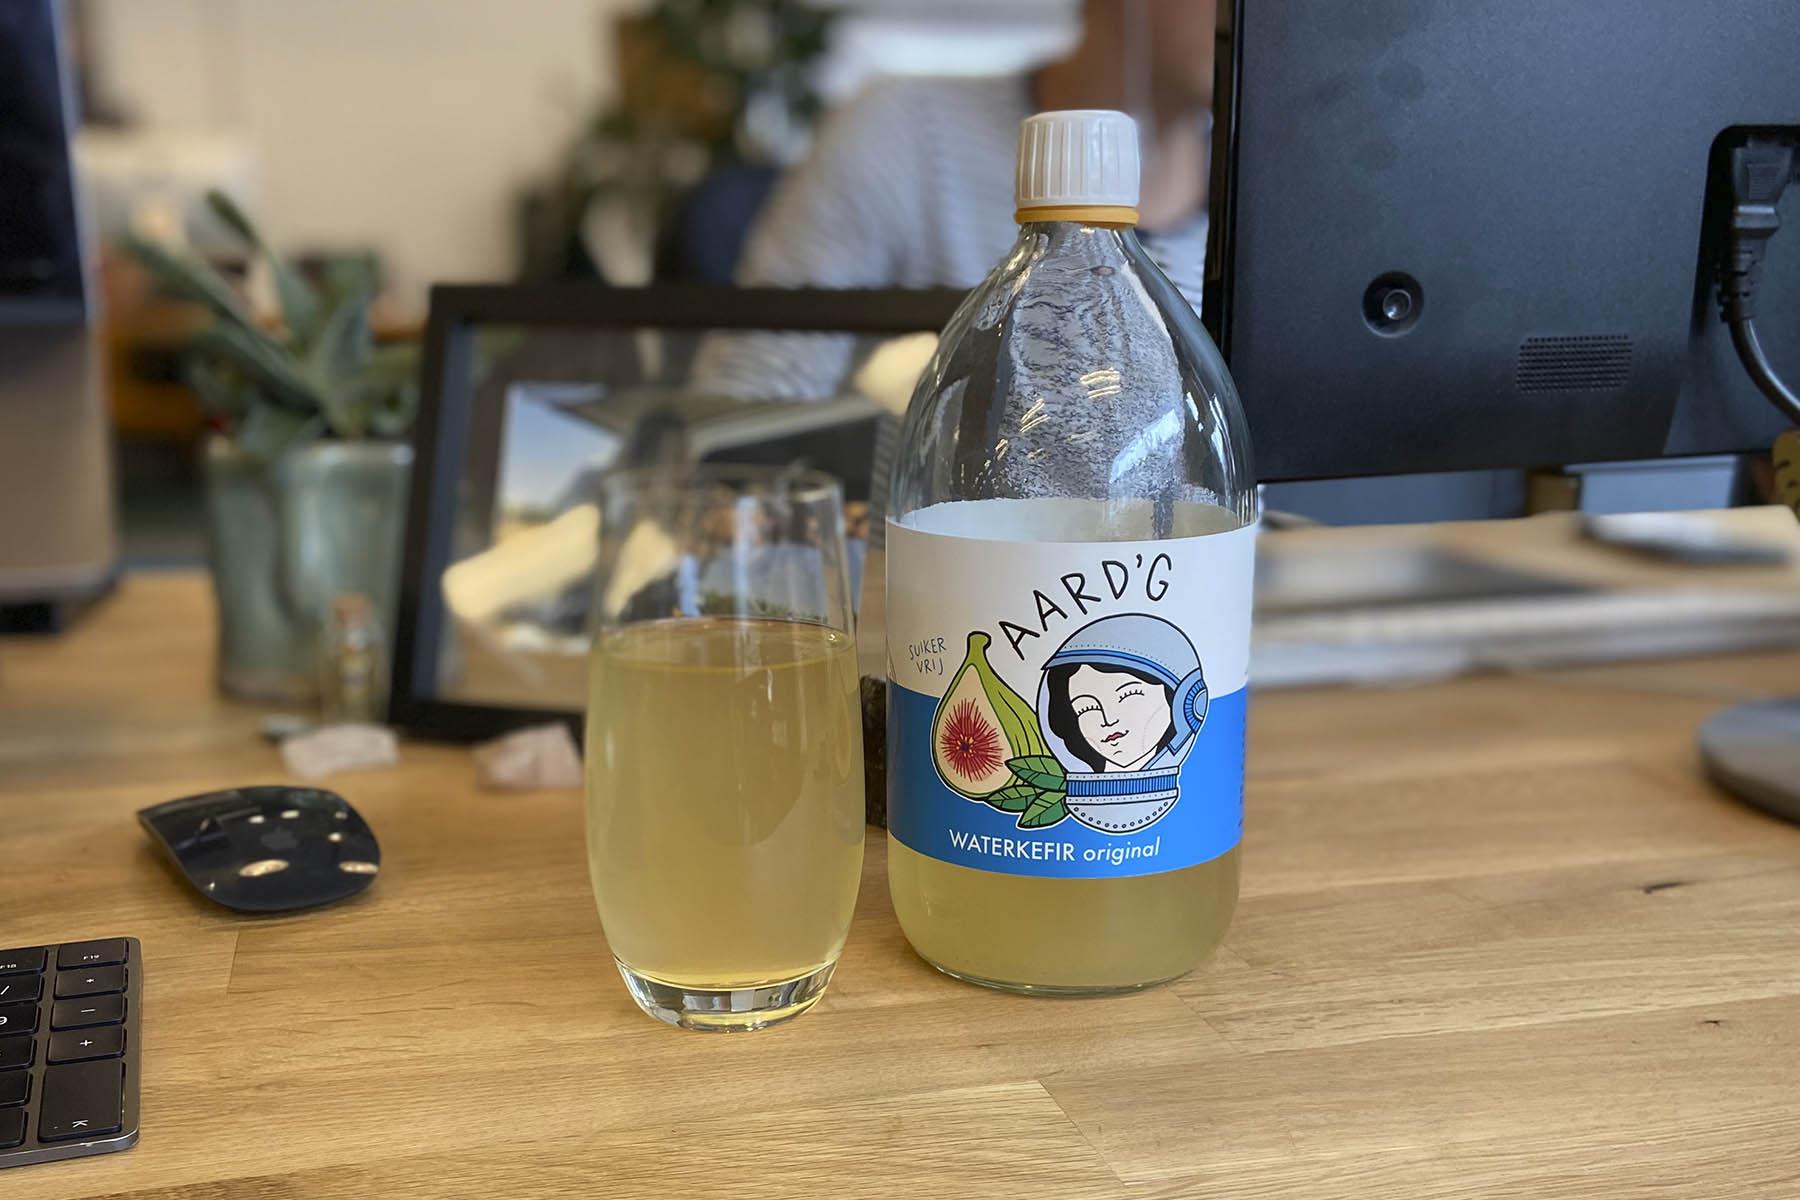 Een fles en glas Aard'g Waterkefir Original op een bureau met op de achtergrond een foto, laptop en monitor.